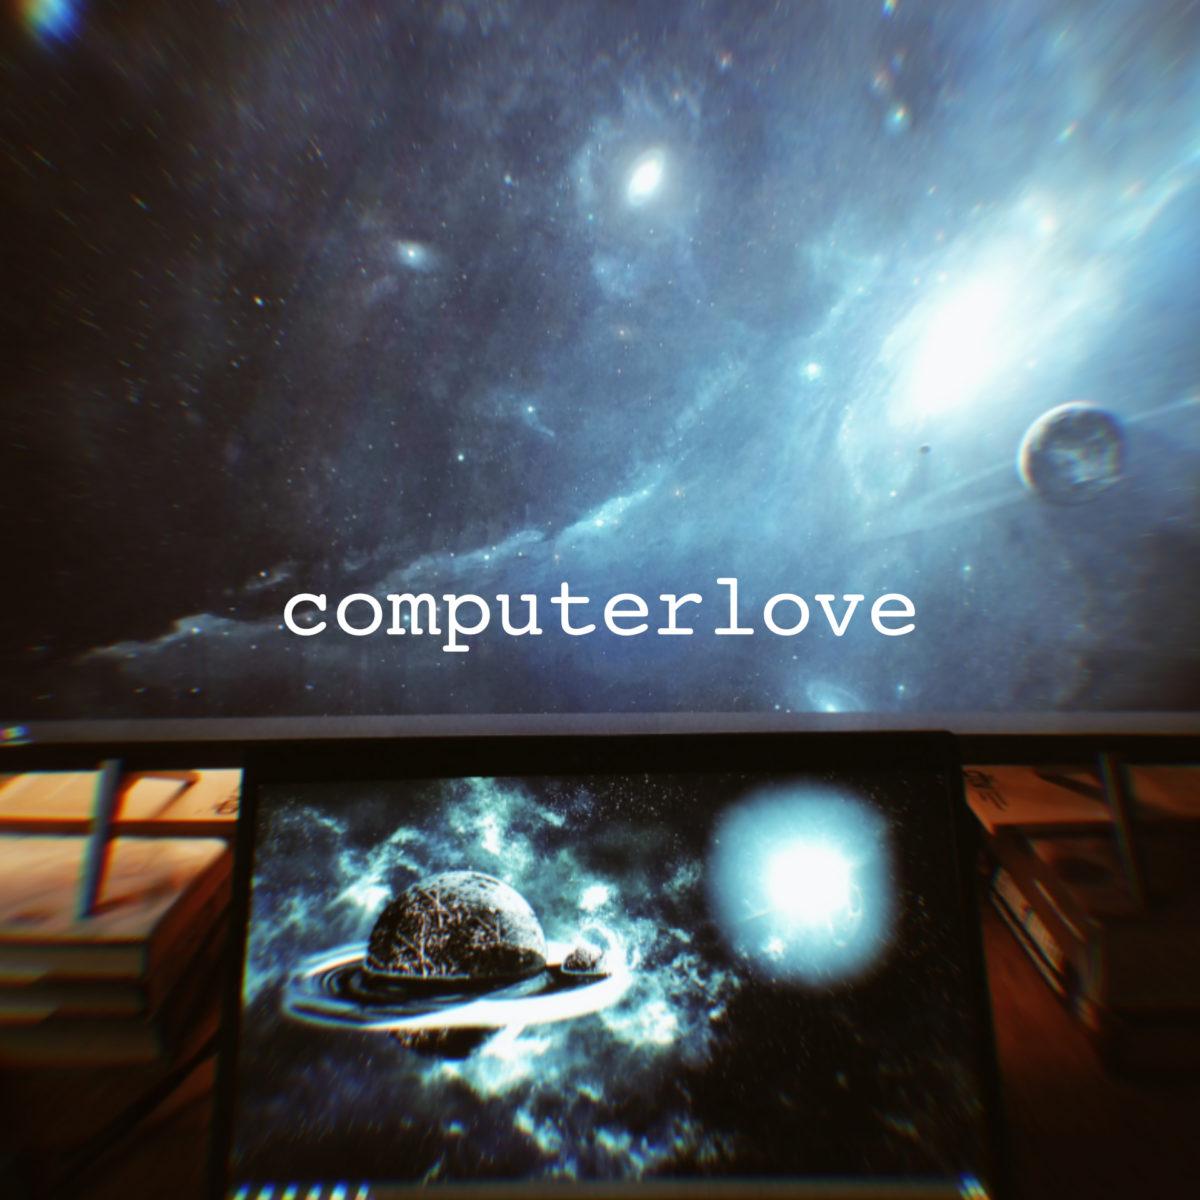 computerlove